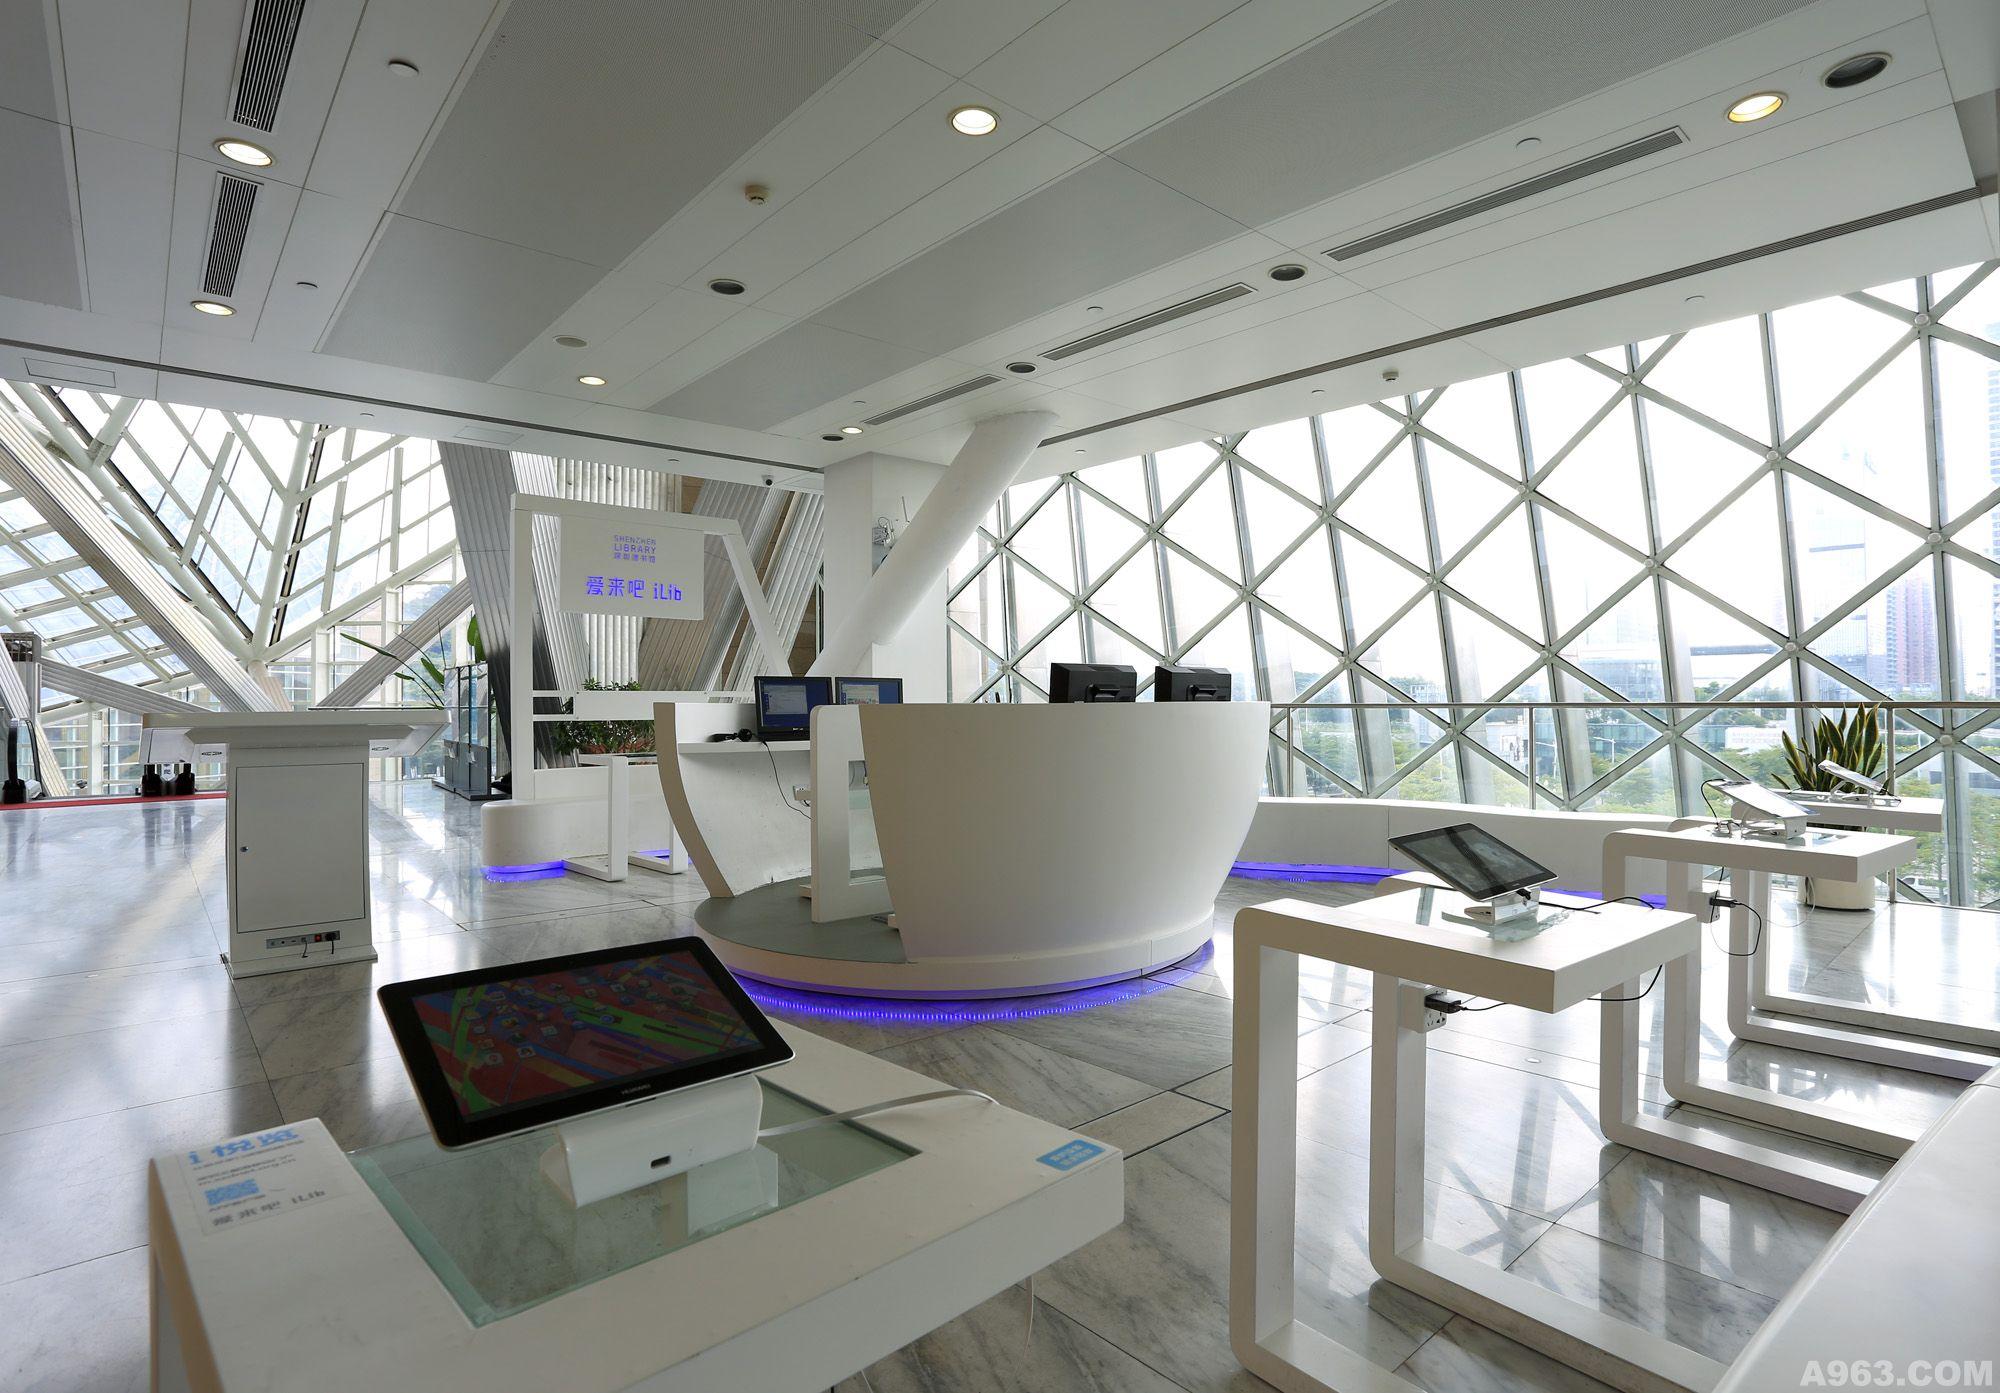 文化空间设计展示空间设计